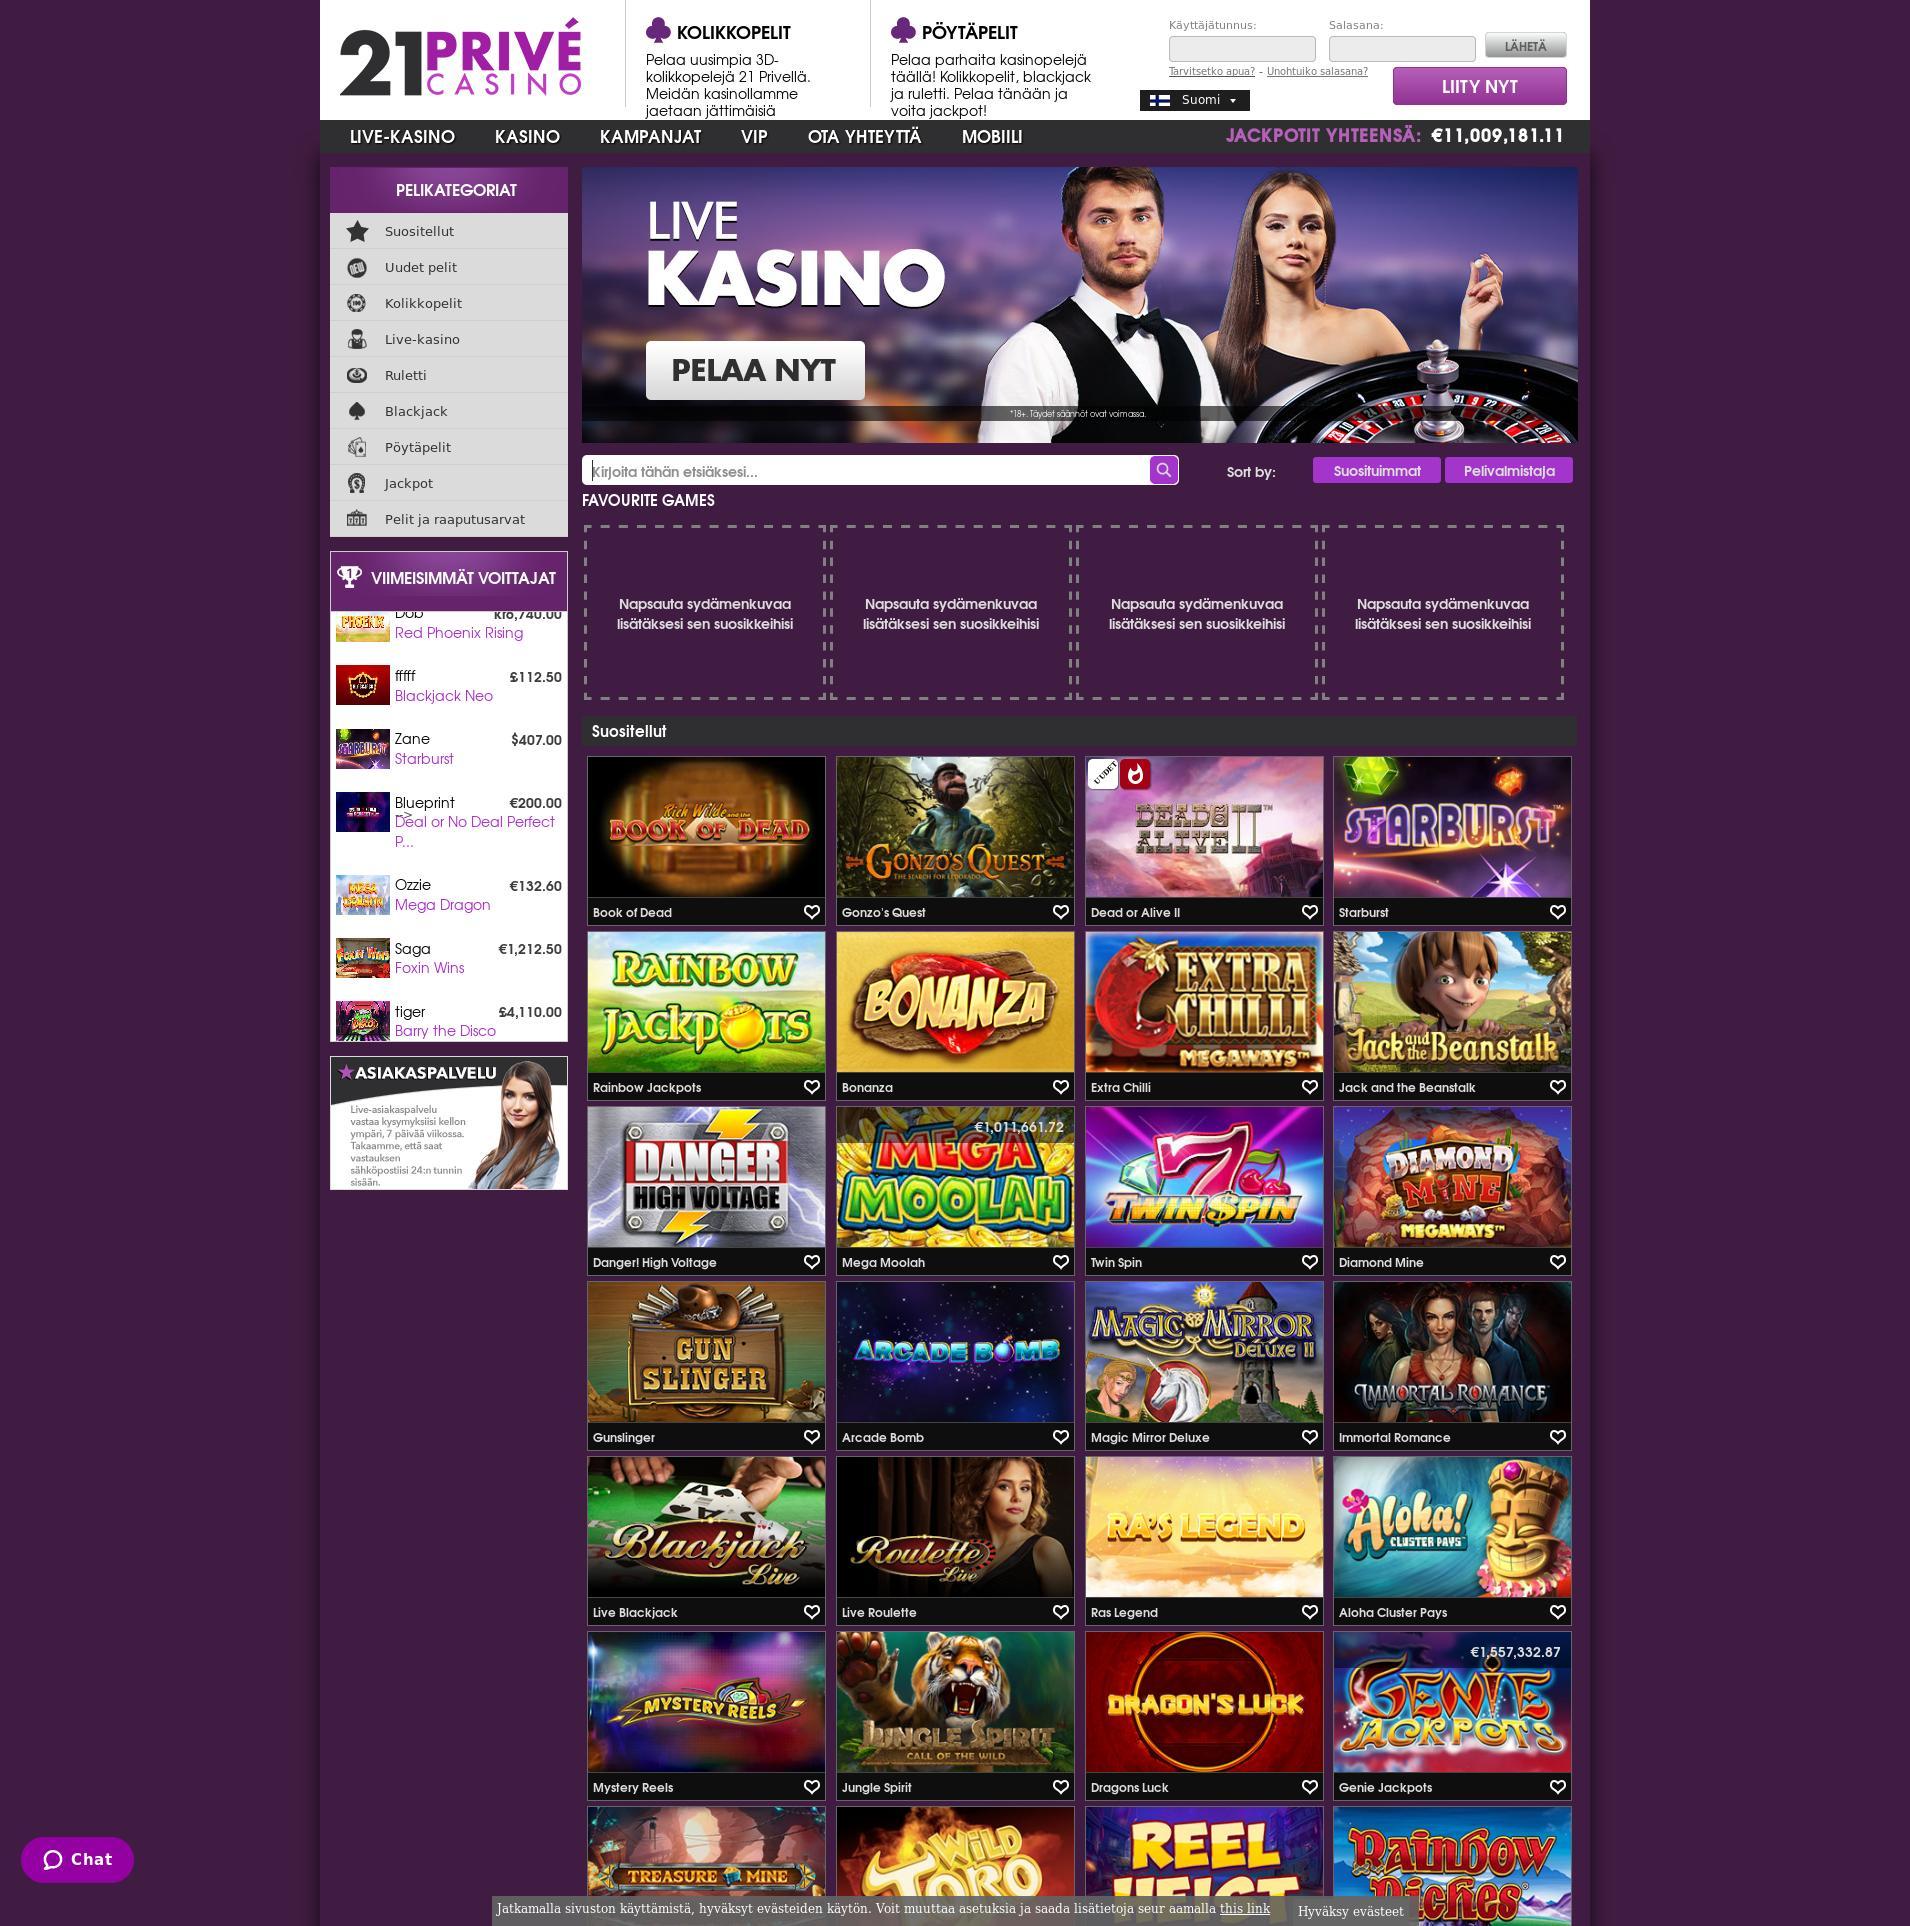 Casino-näyttö Lobby 2019-10-21 varten Suomi